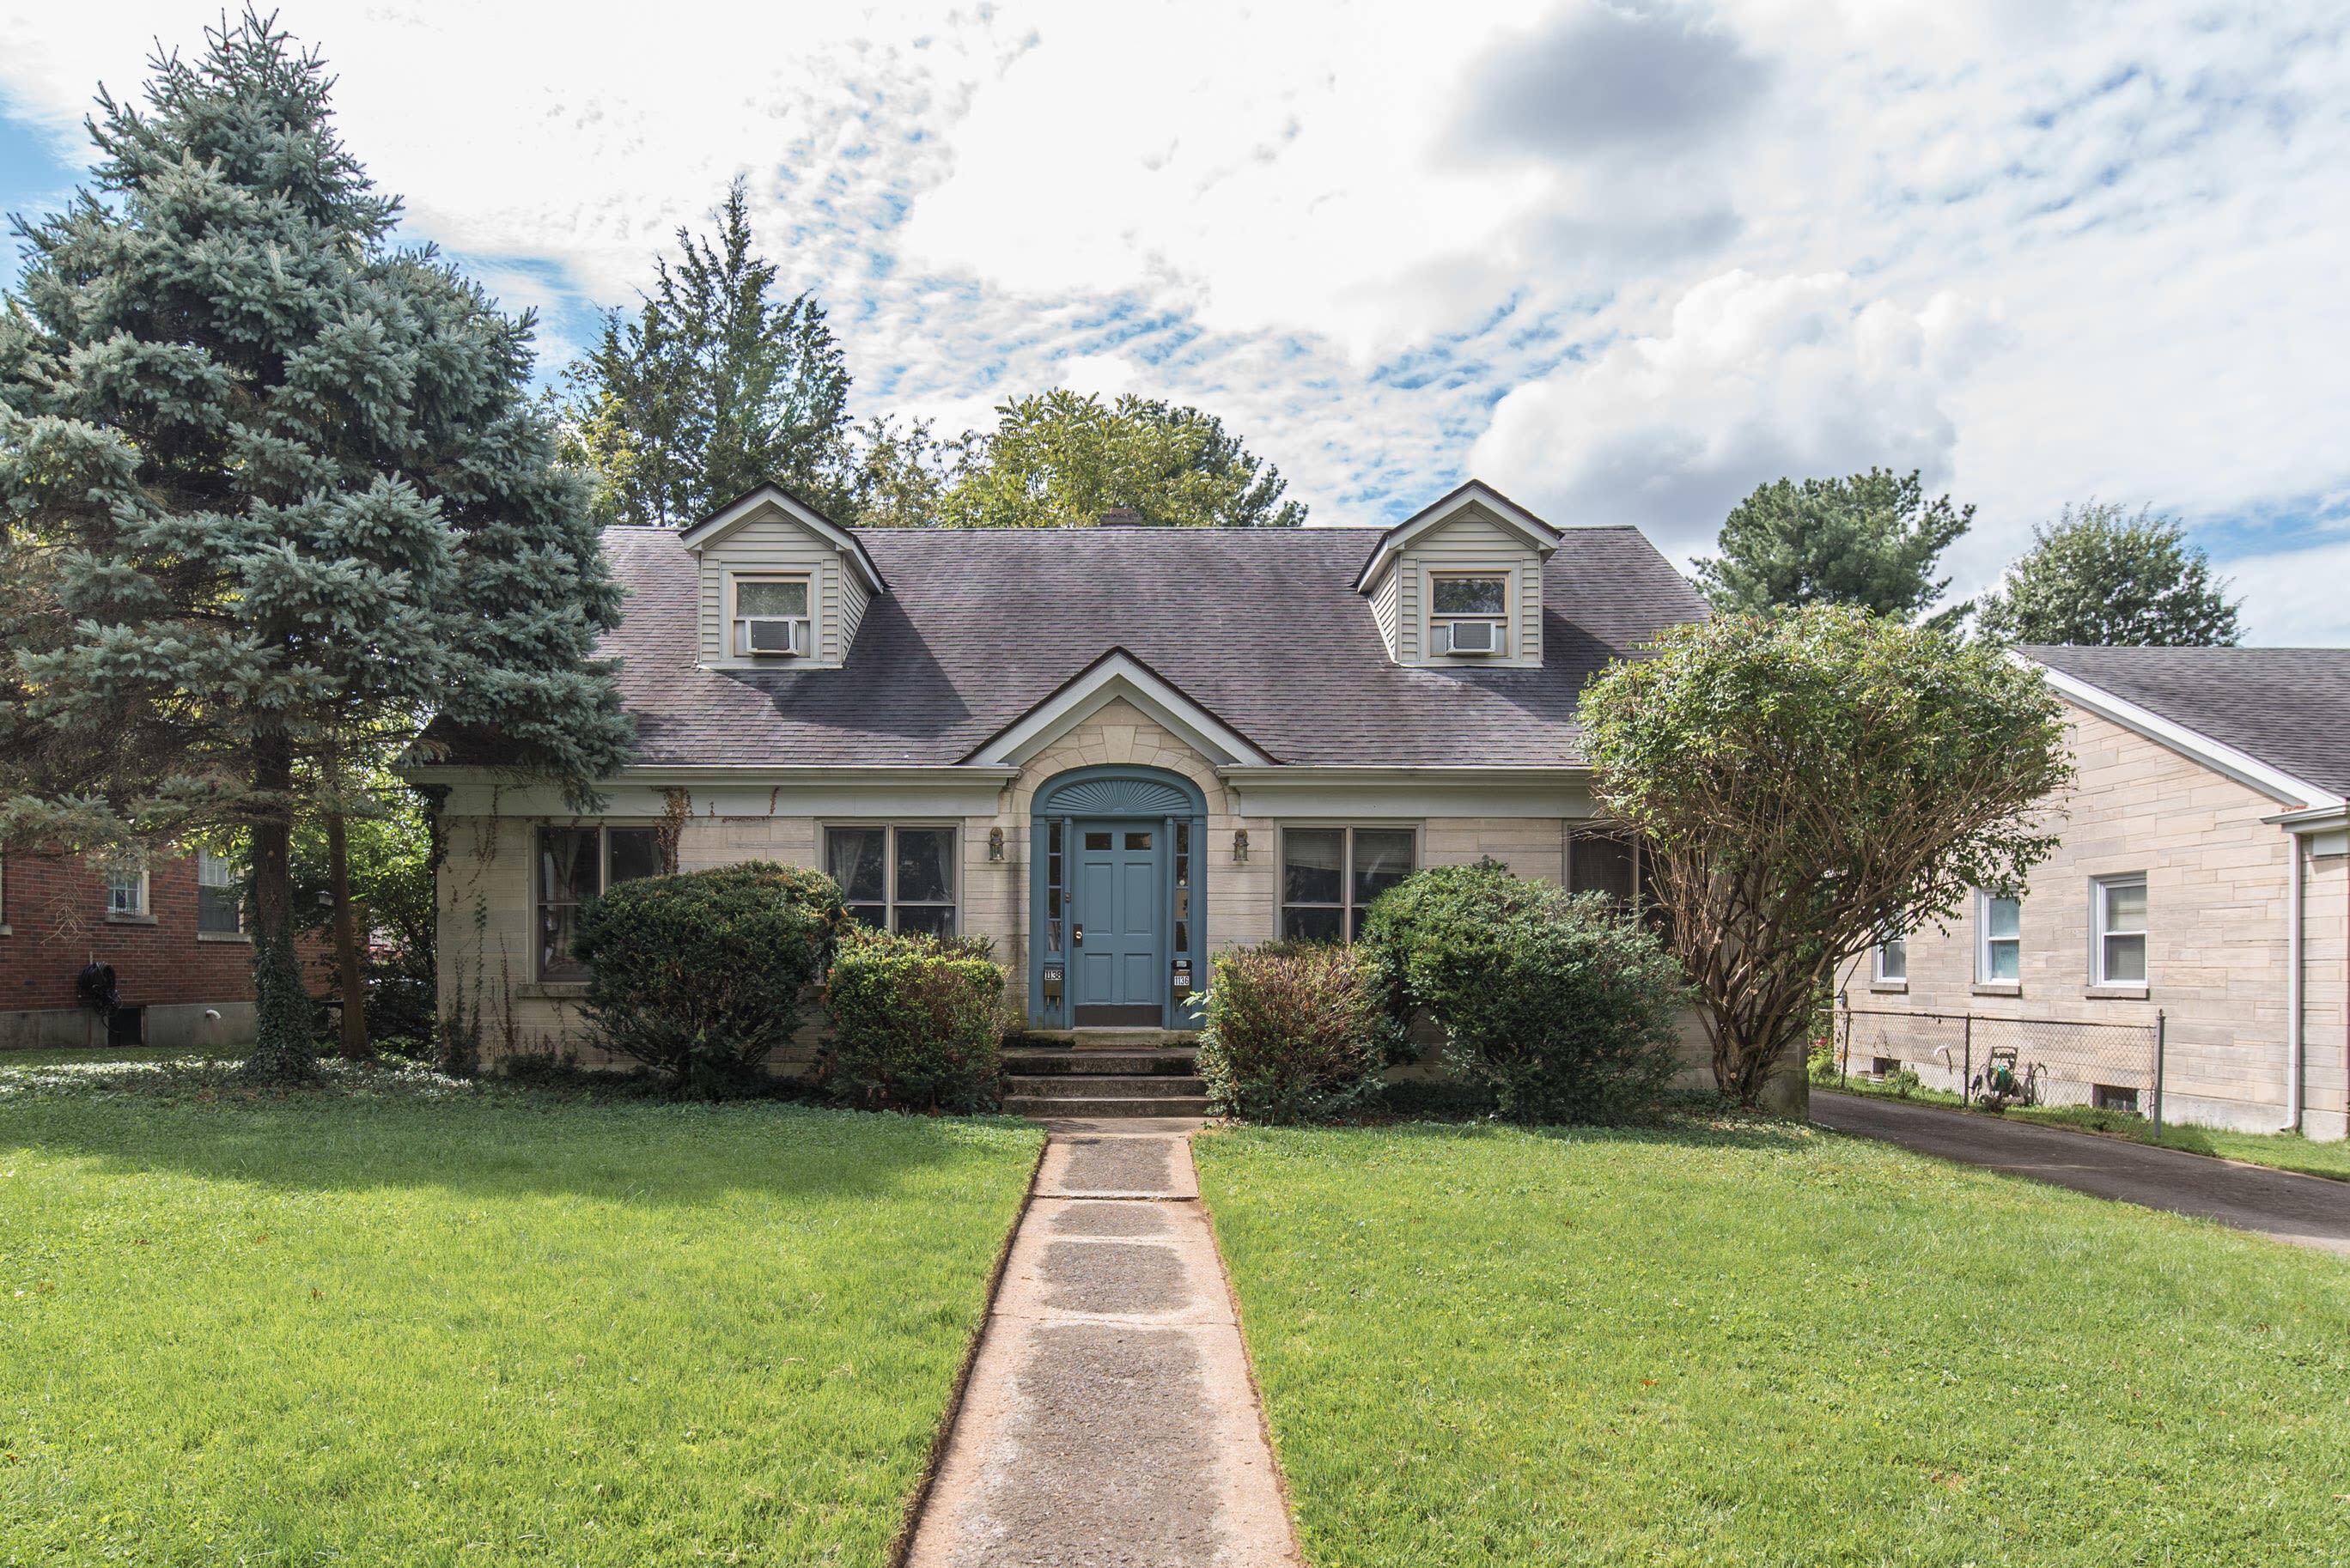 1136-1138 Cooper Drive, Lexington, Kentucky 40502, 4 Bedrooms Bedrooms, ,2 BathroomsBathrooms,Multi-housing,For Sale,Cooper,20120533